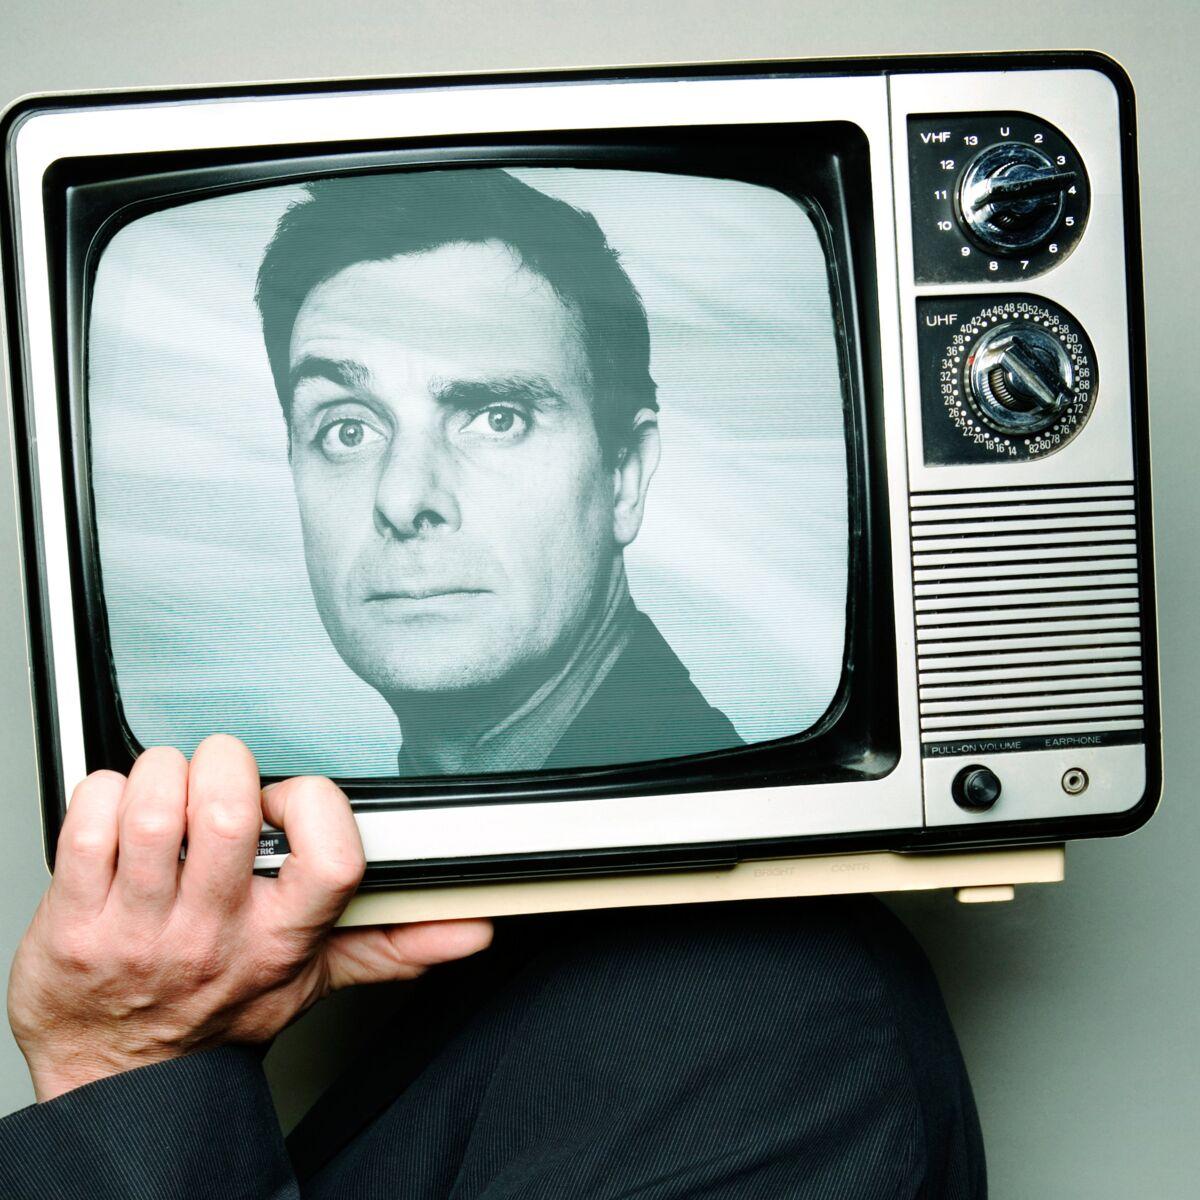 5 bonnes raisons de sortir la tele de